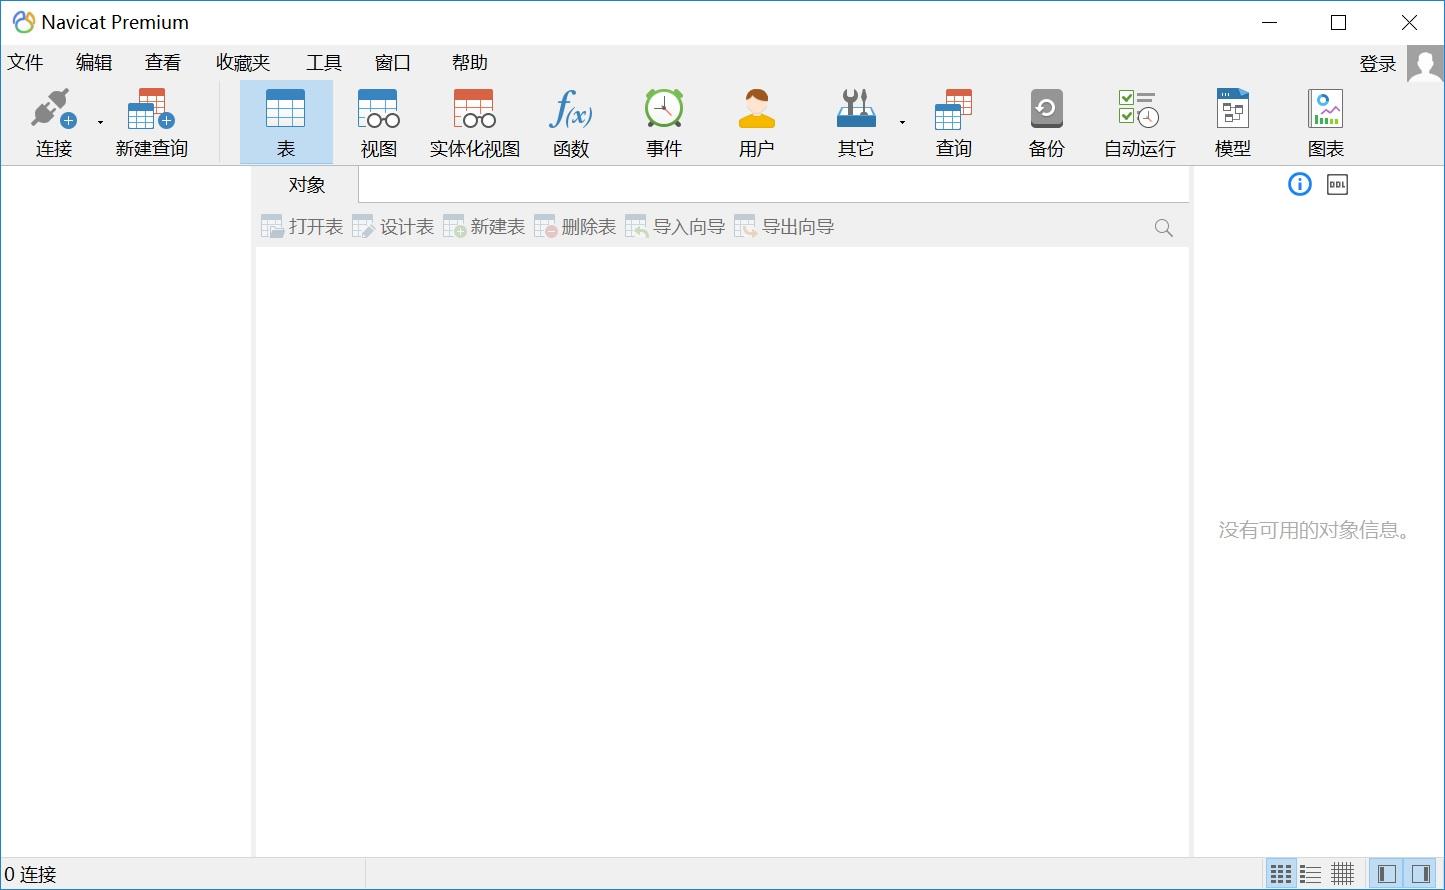 Navicat Premium 破解版.jpg